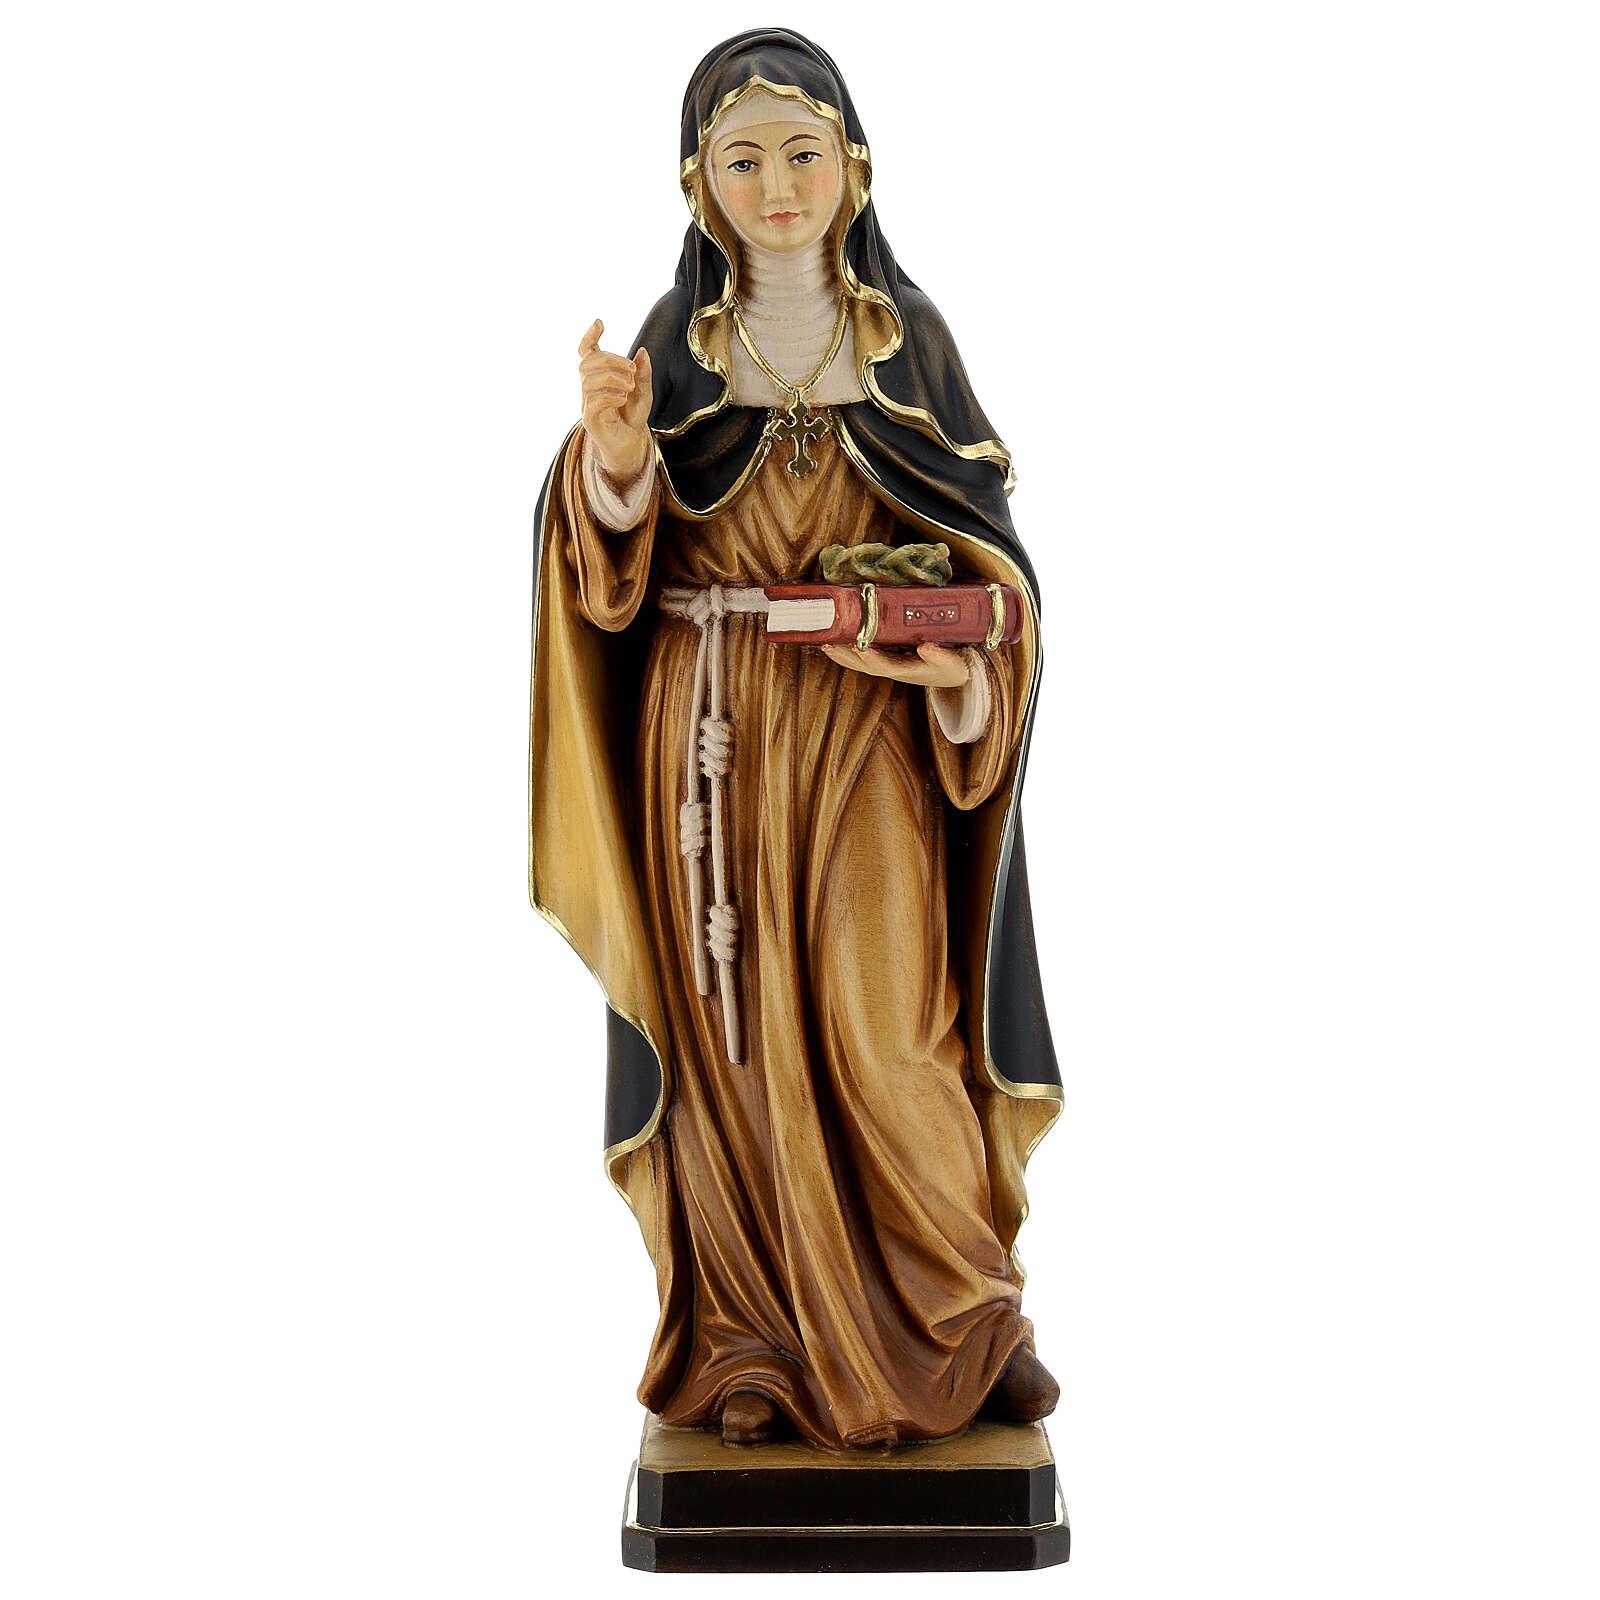 Saint Teresa of Ávila with crown of thorns in painted wood Valgardena 4